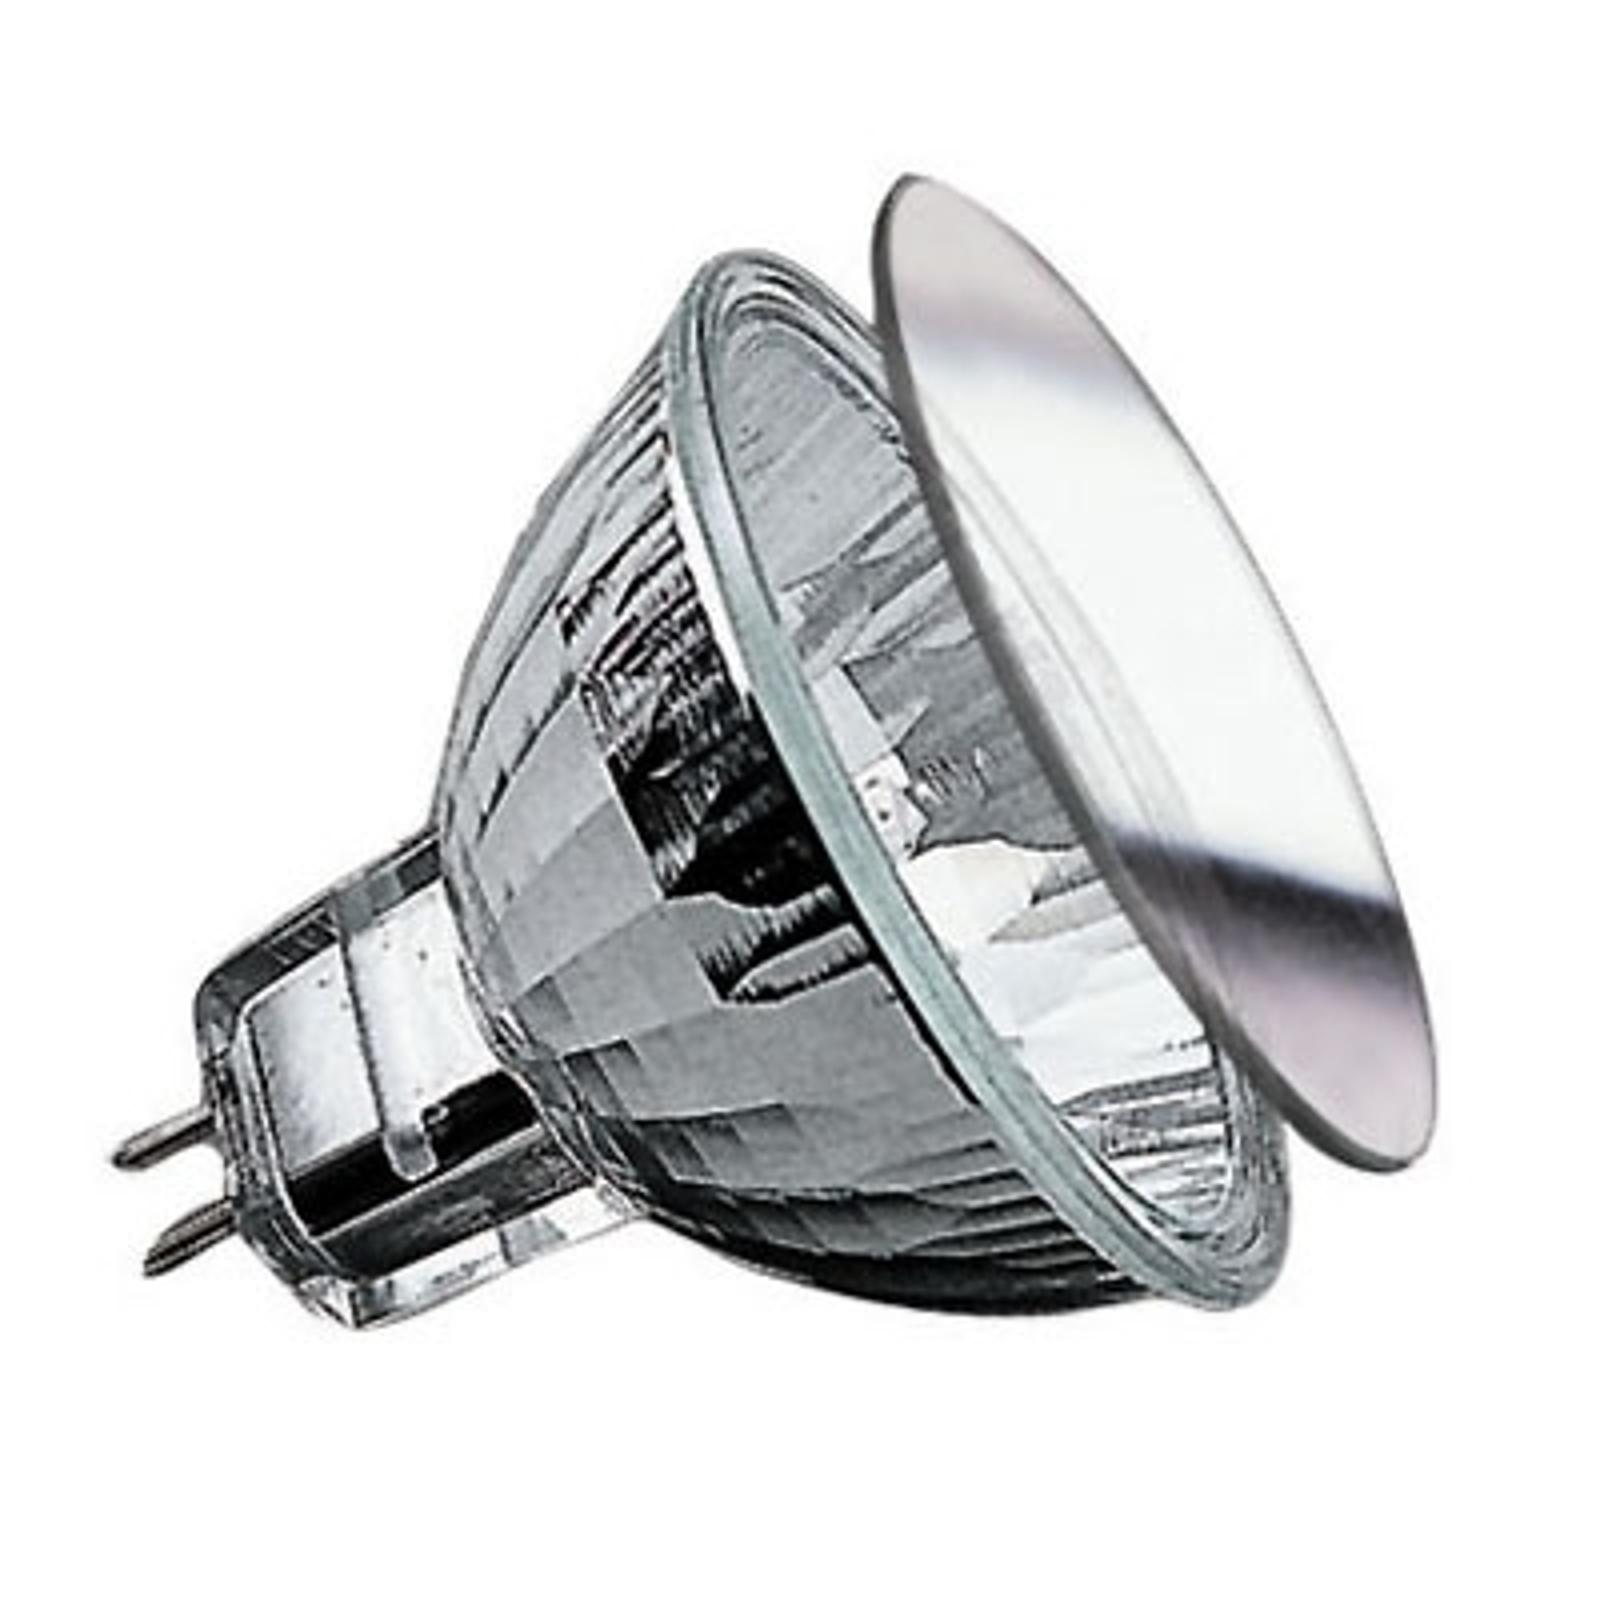 Żarówka reflektorowa GU5,3 MR16 20W Security